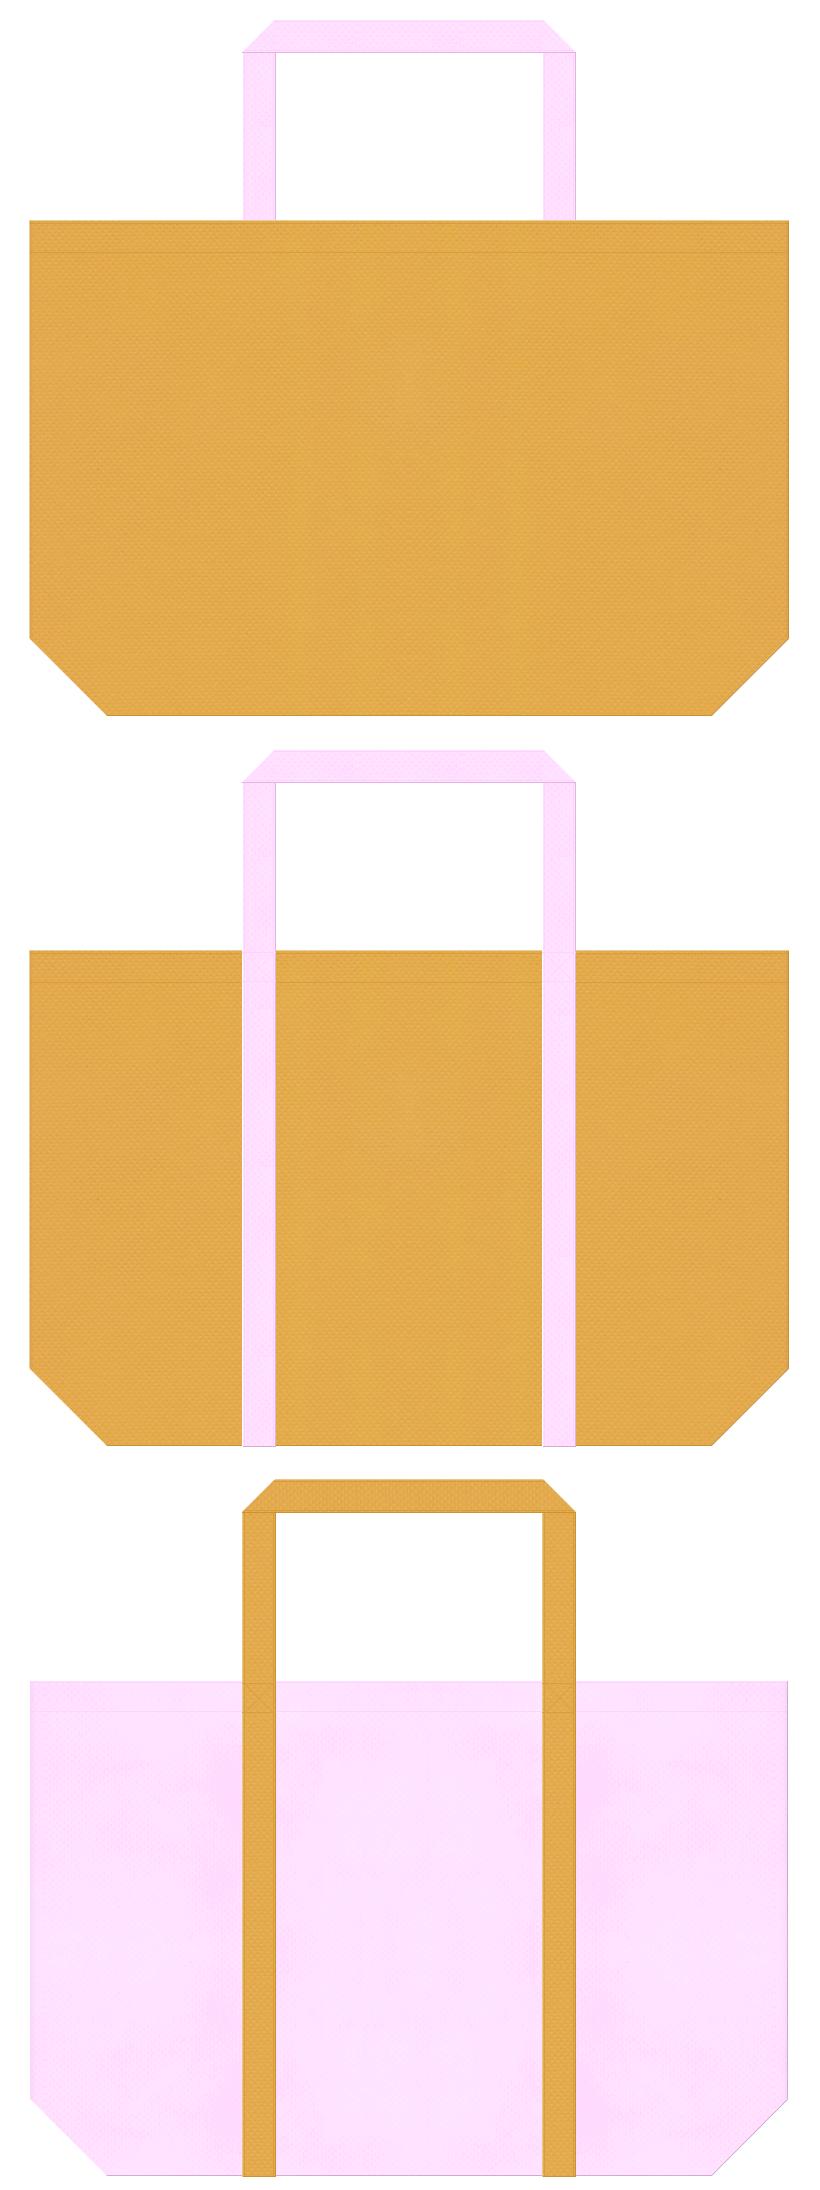 ペットショップ・ペットサロン・アニマルケア・小鹿・小熊・子犬・ぬいぐるみ・手芸・絵本・おとぎ話・テーマパーク・ガーリーなショッピングバッグにお奨めの不織布バッグデザイン:黄土色と明るいピンク色のコーデ